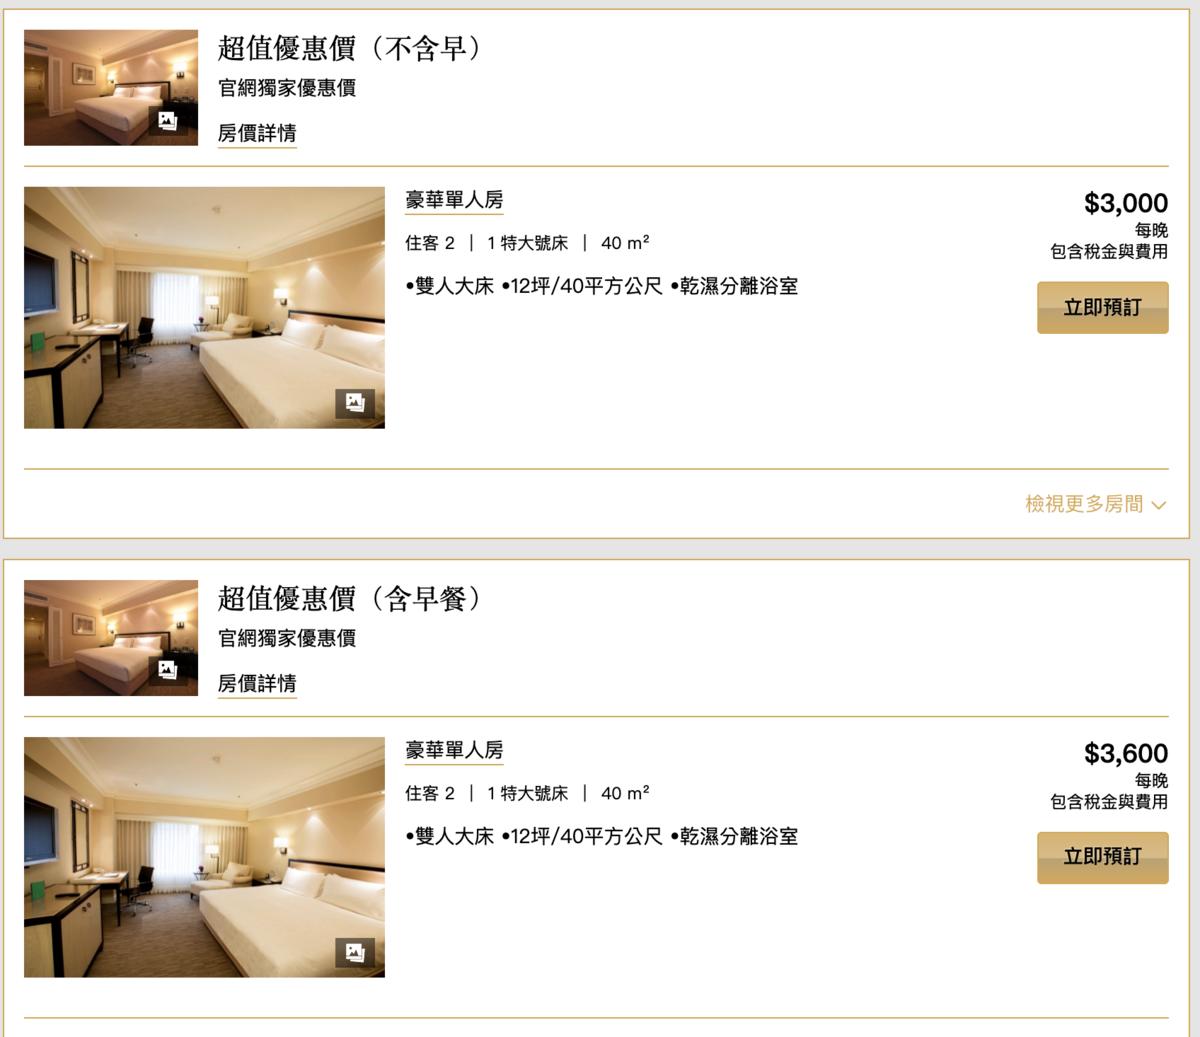 [30小時入住台北西華飯店] 升等18大坪數豪華套房 一泊二食 Toscana24盎司Prime牛排龍蝦晚餐